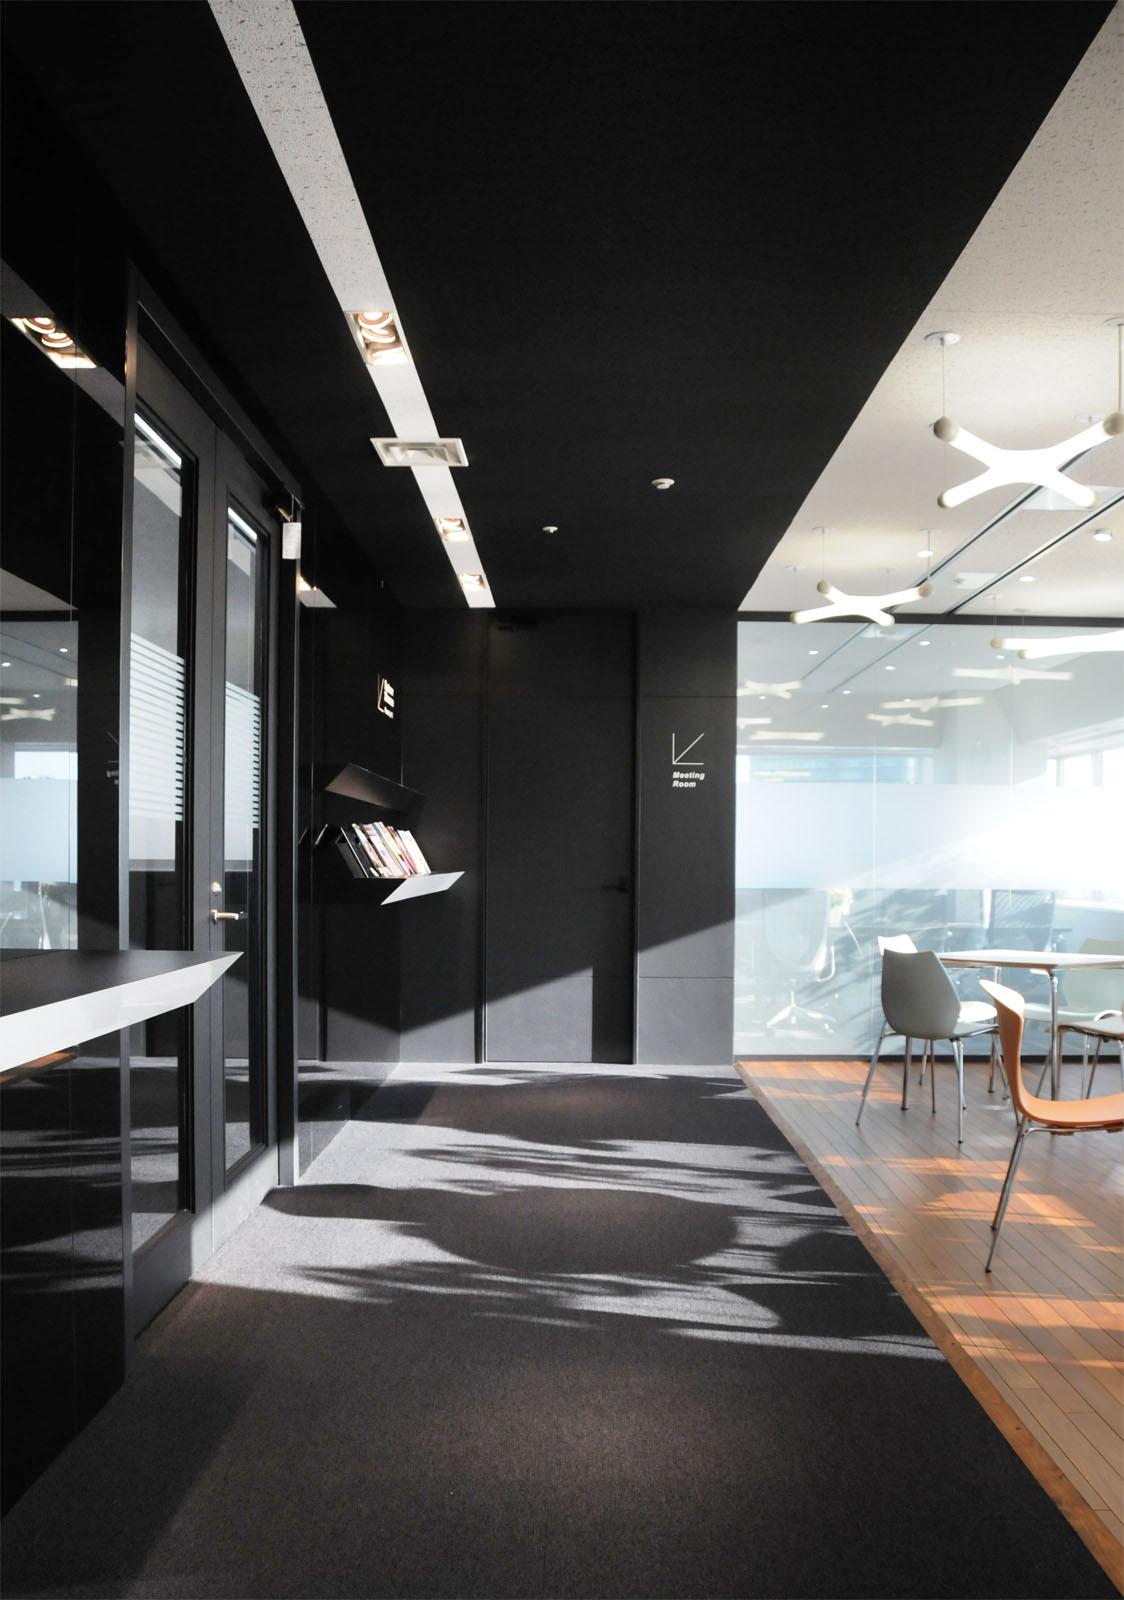 02株式会社ビジュアル・プロセッシング・ジャパン Tokyo Head Office